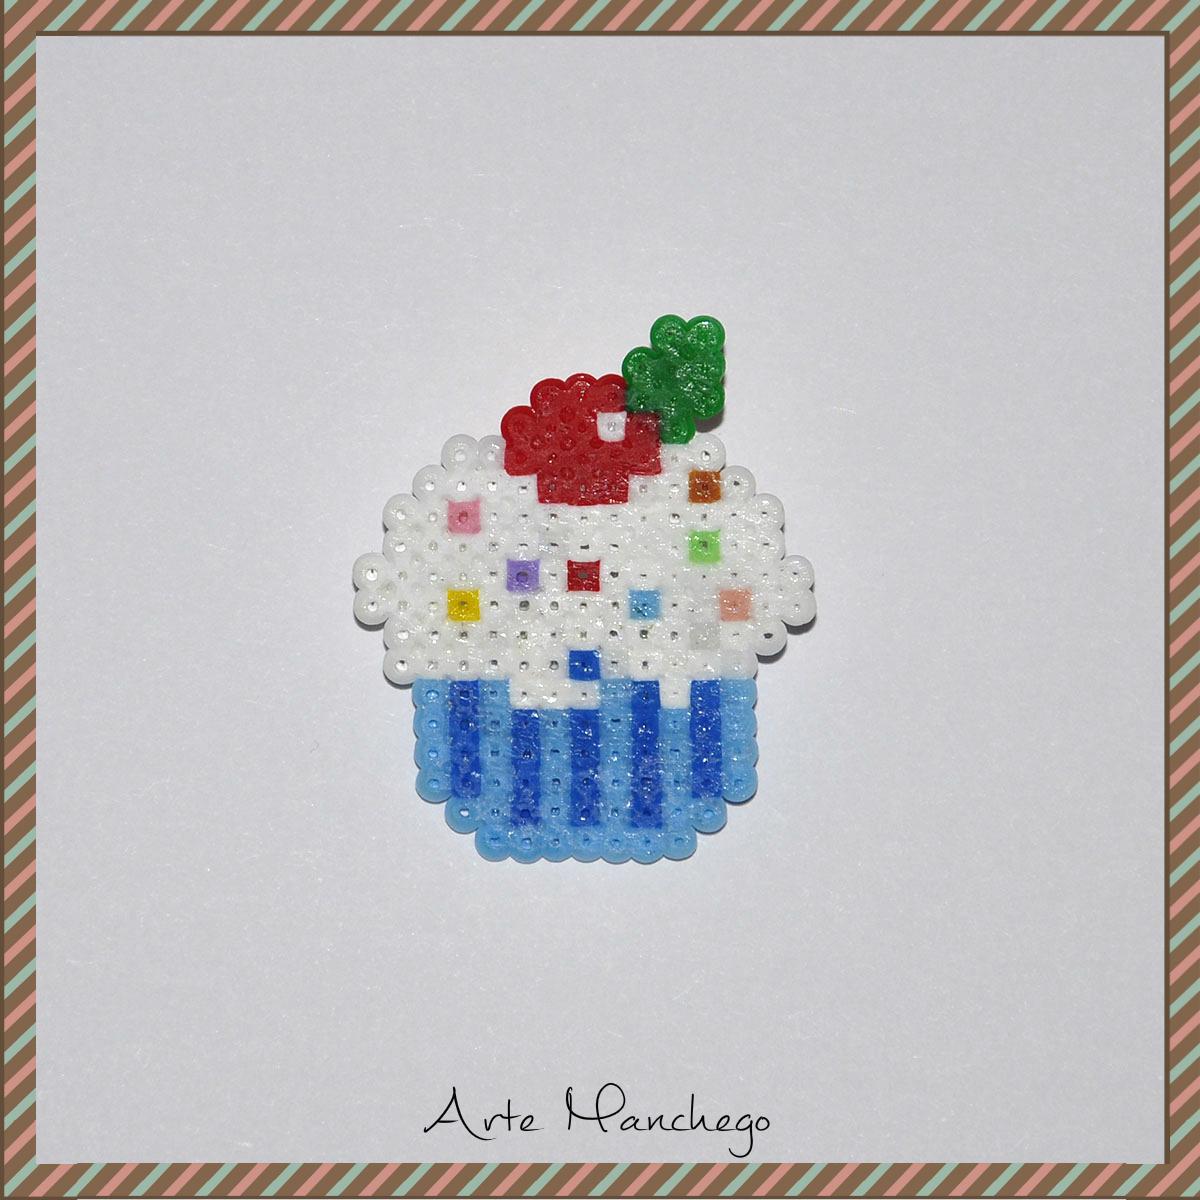 Pastelito de Hama Beads